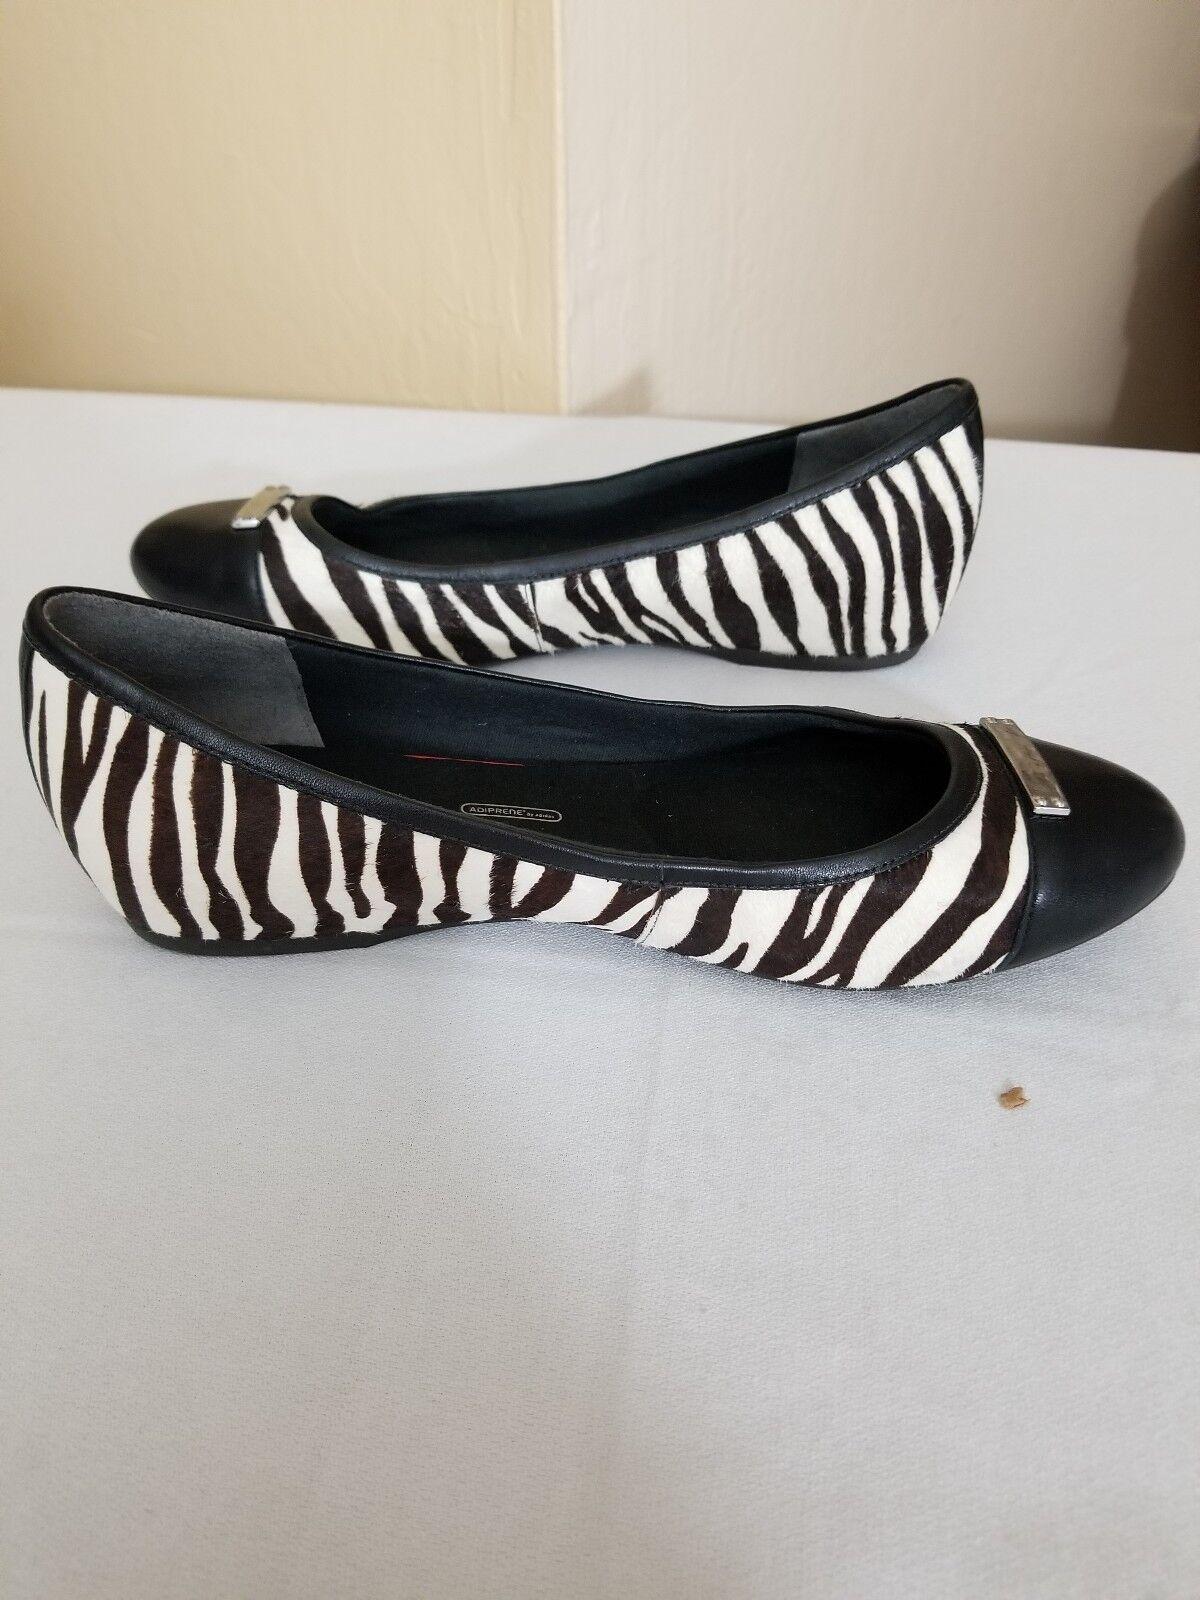 Rockport Women's Black & White Zebra Print Ballet shoes Size 8.5M 91218-1 A1